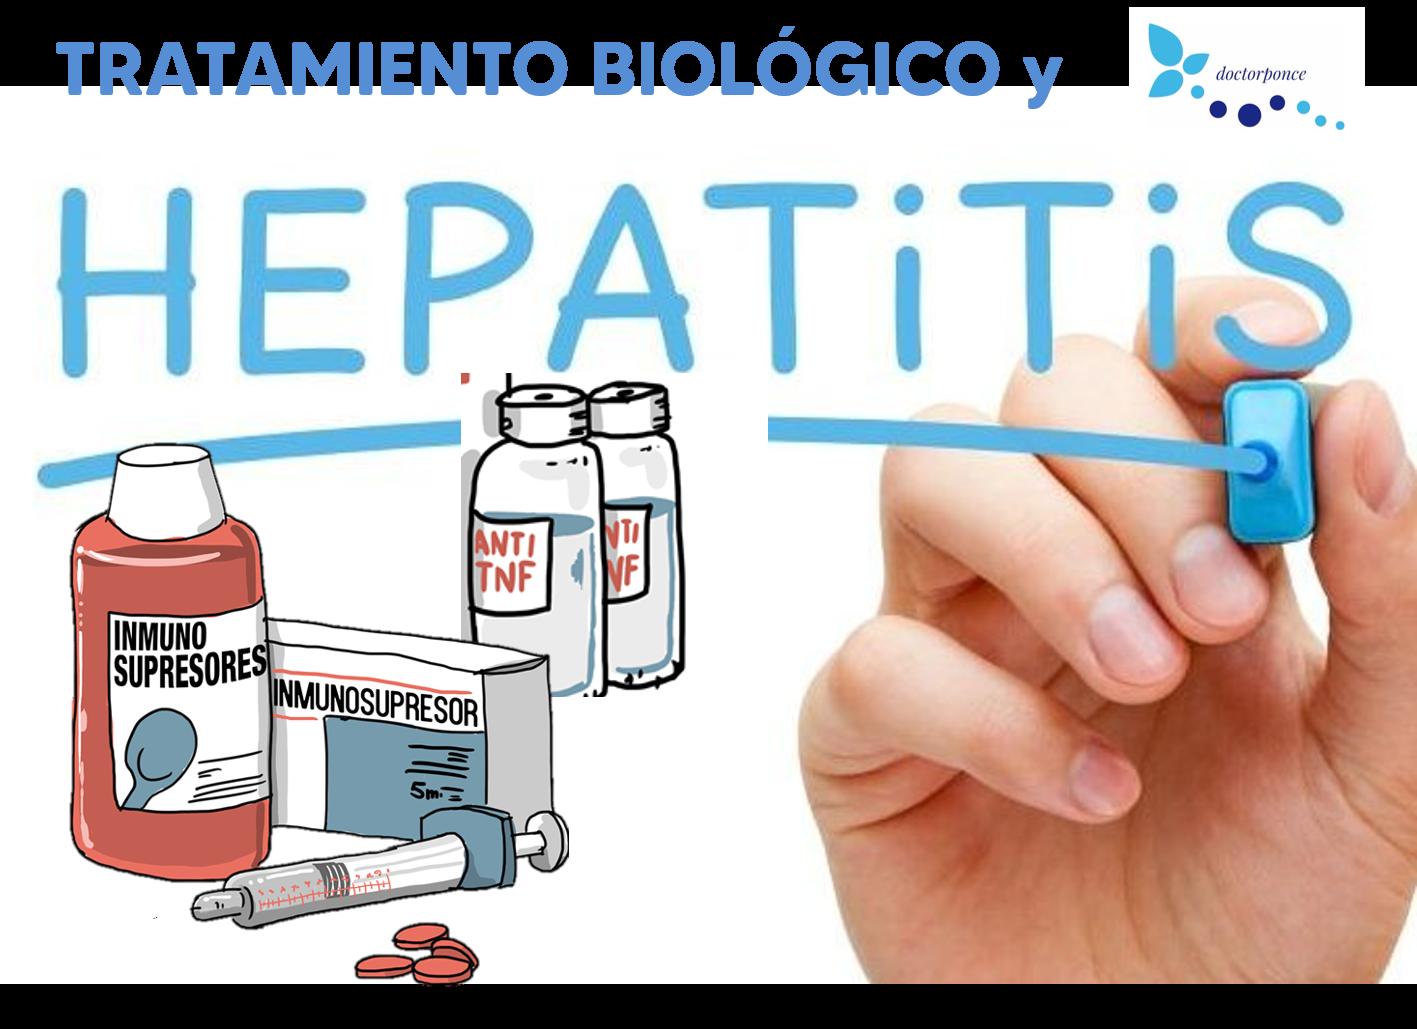 Tratamiento biológico y hepatitis B y C